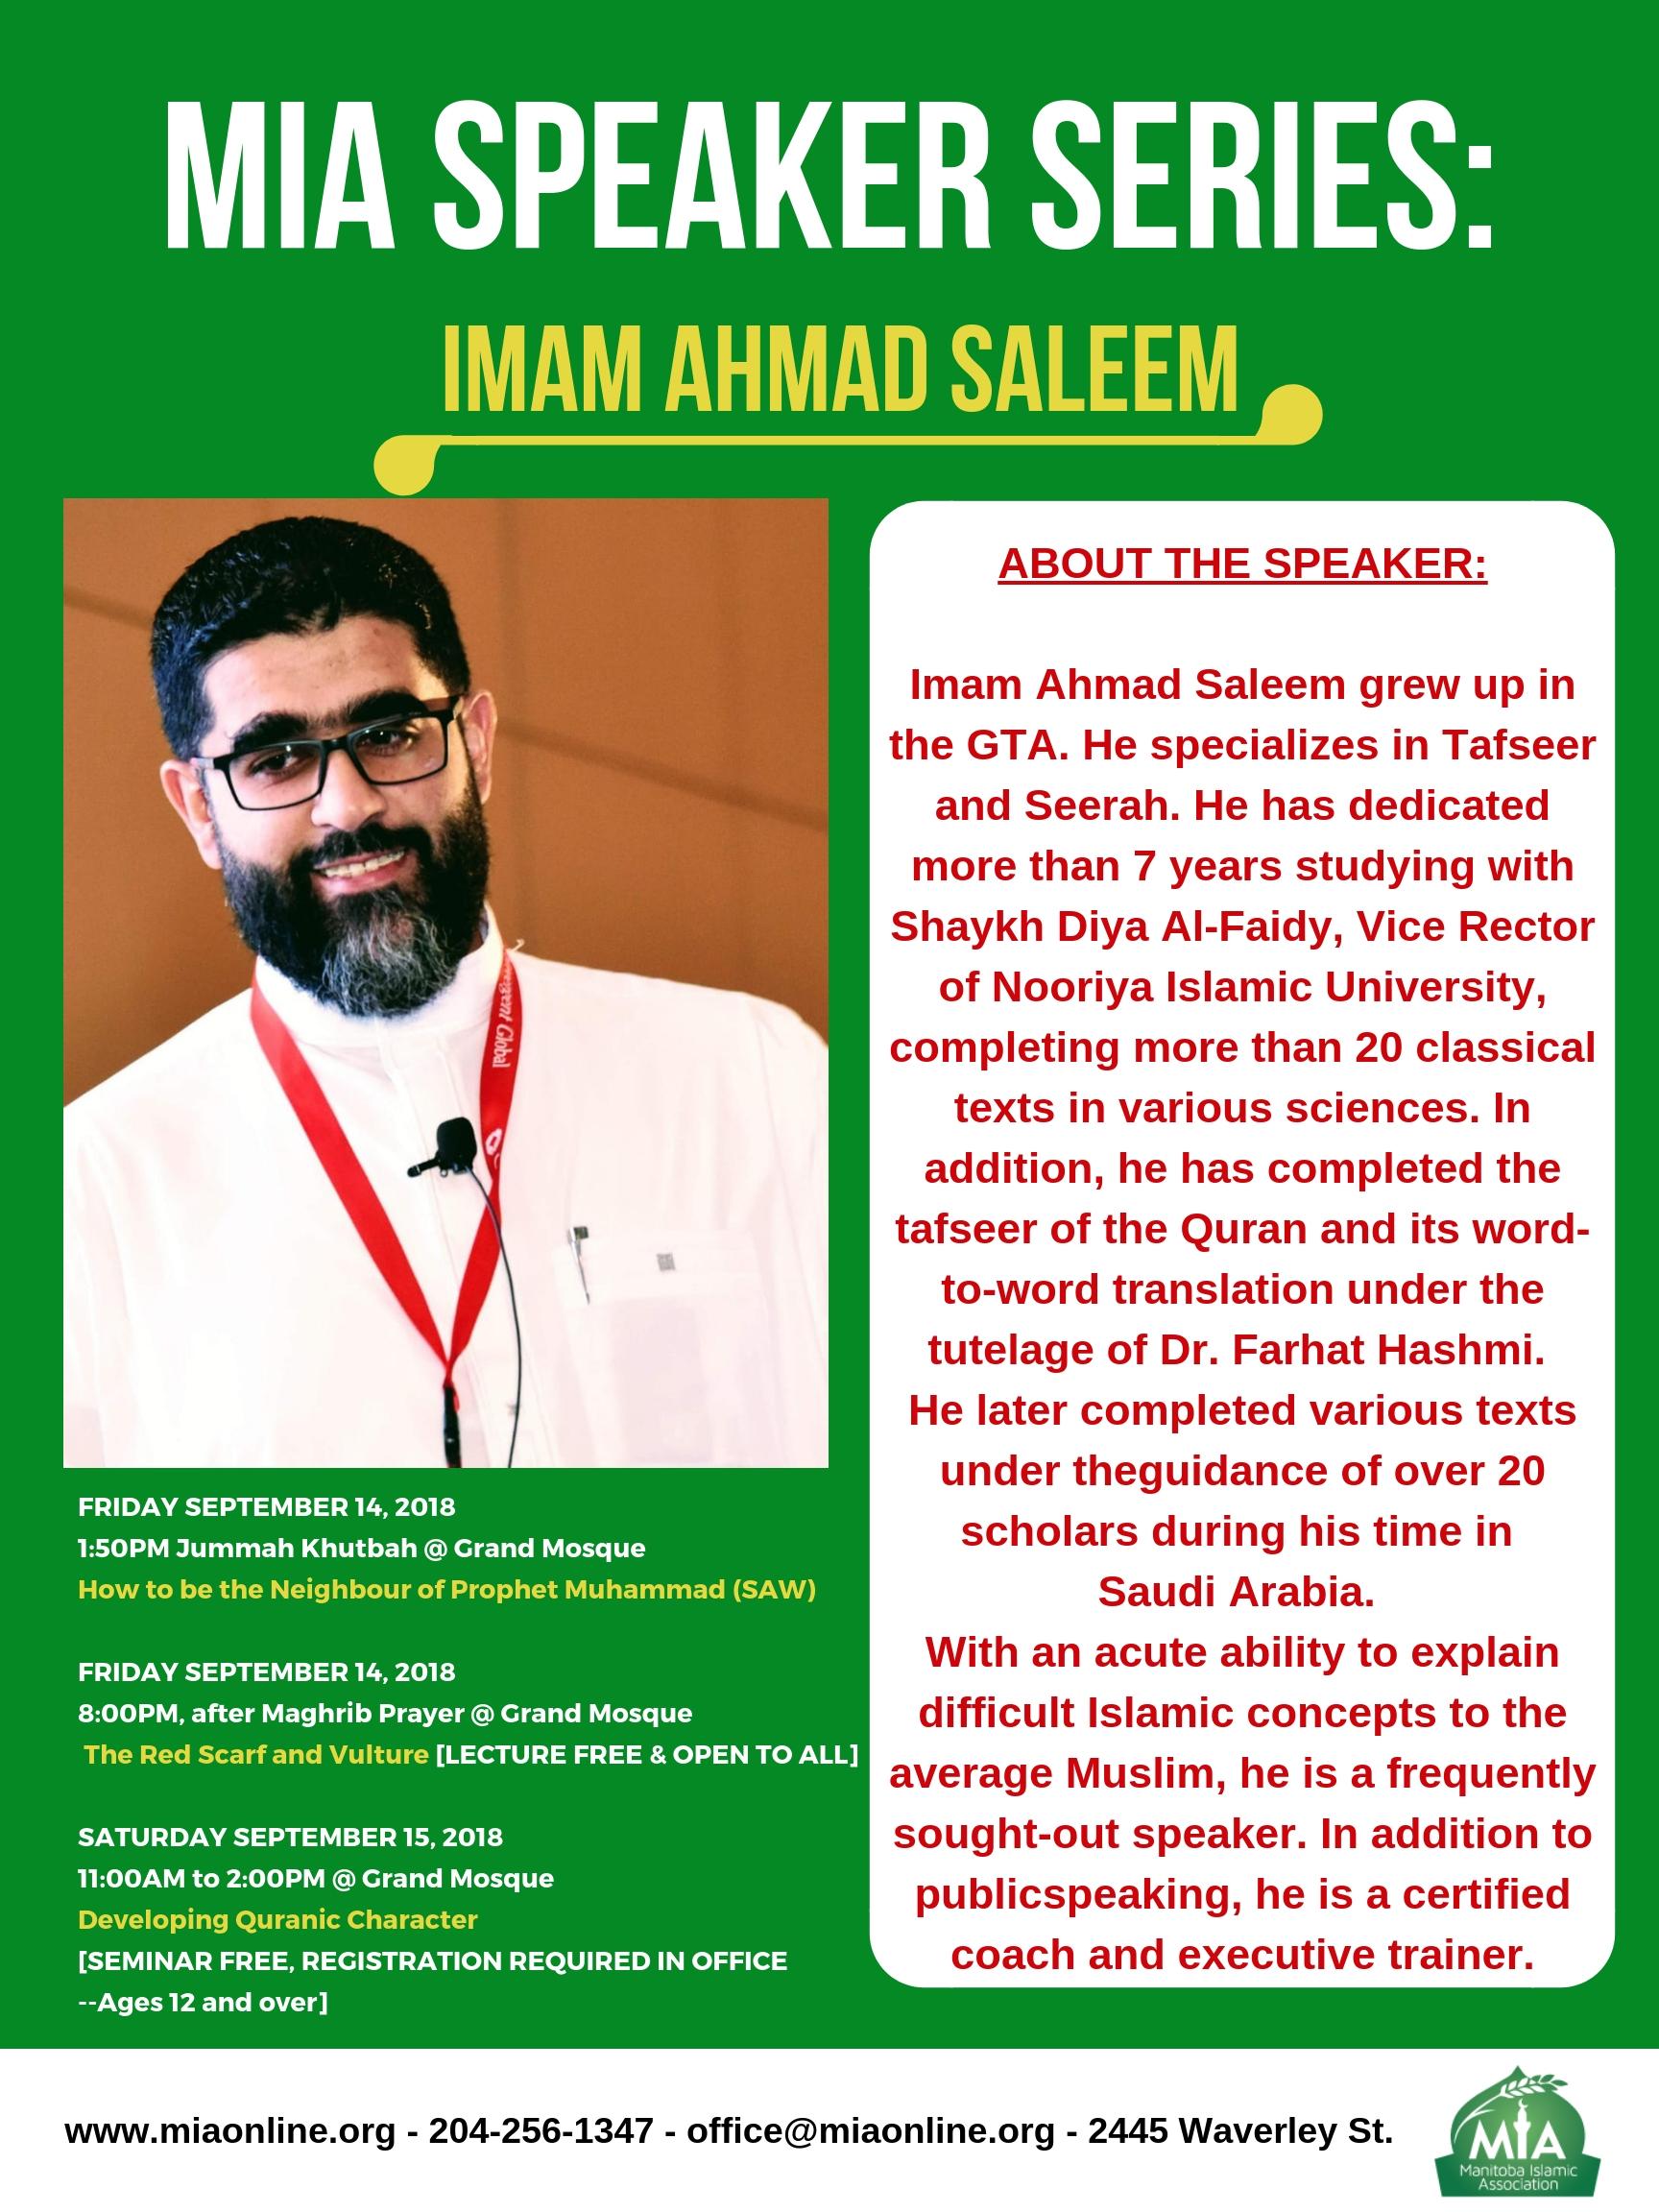 MIA Speaker Series: Imam Ahmad Saleem (Sept 14-15) - MIA online